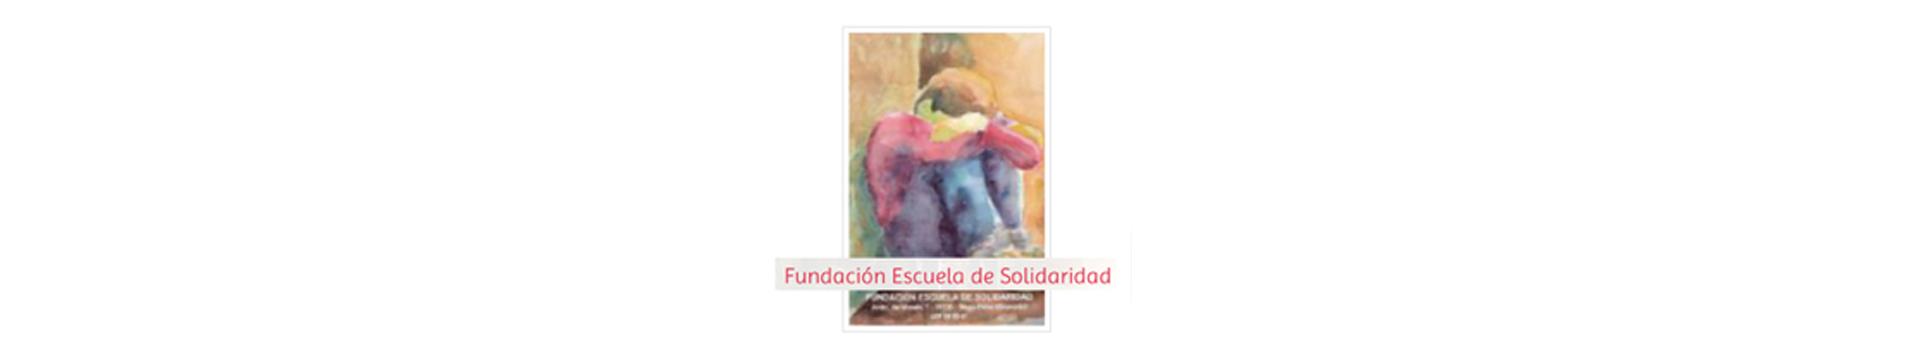 Fundation escuela de solidaridad